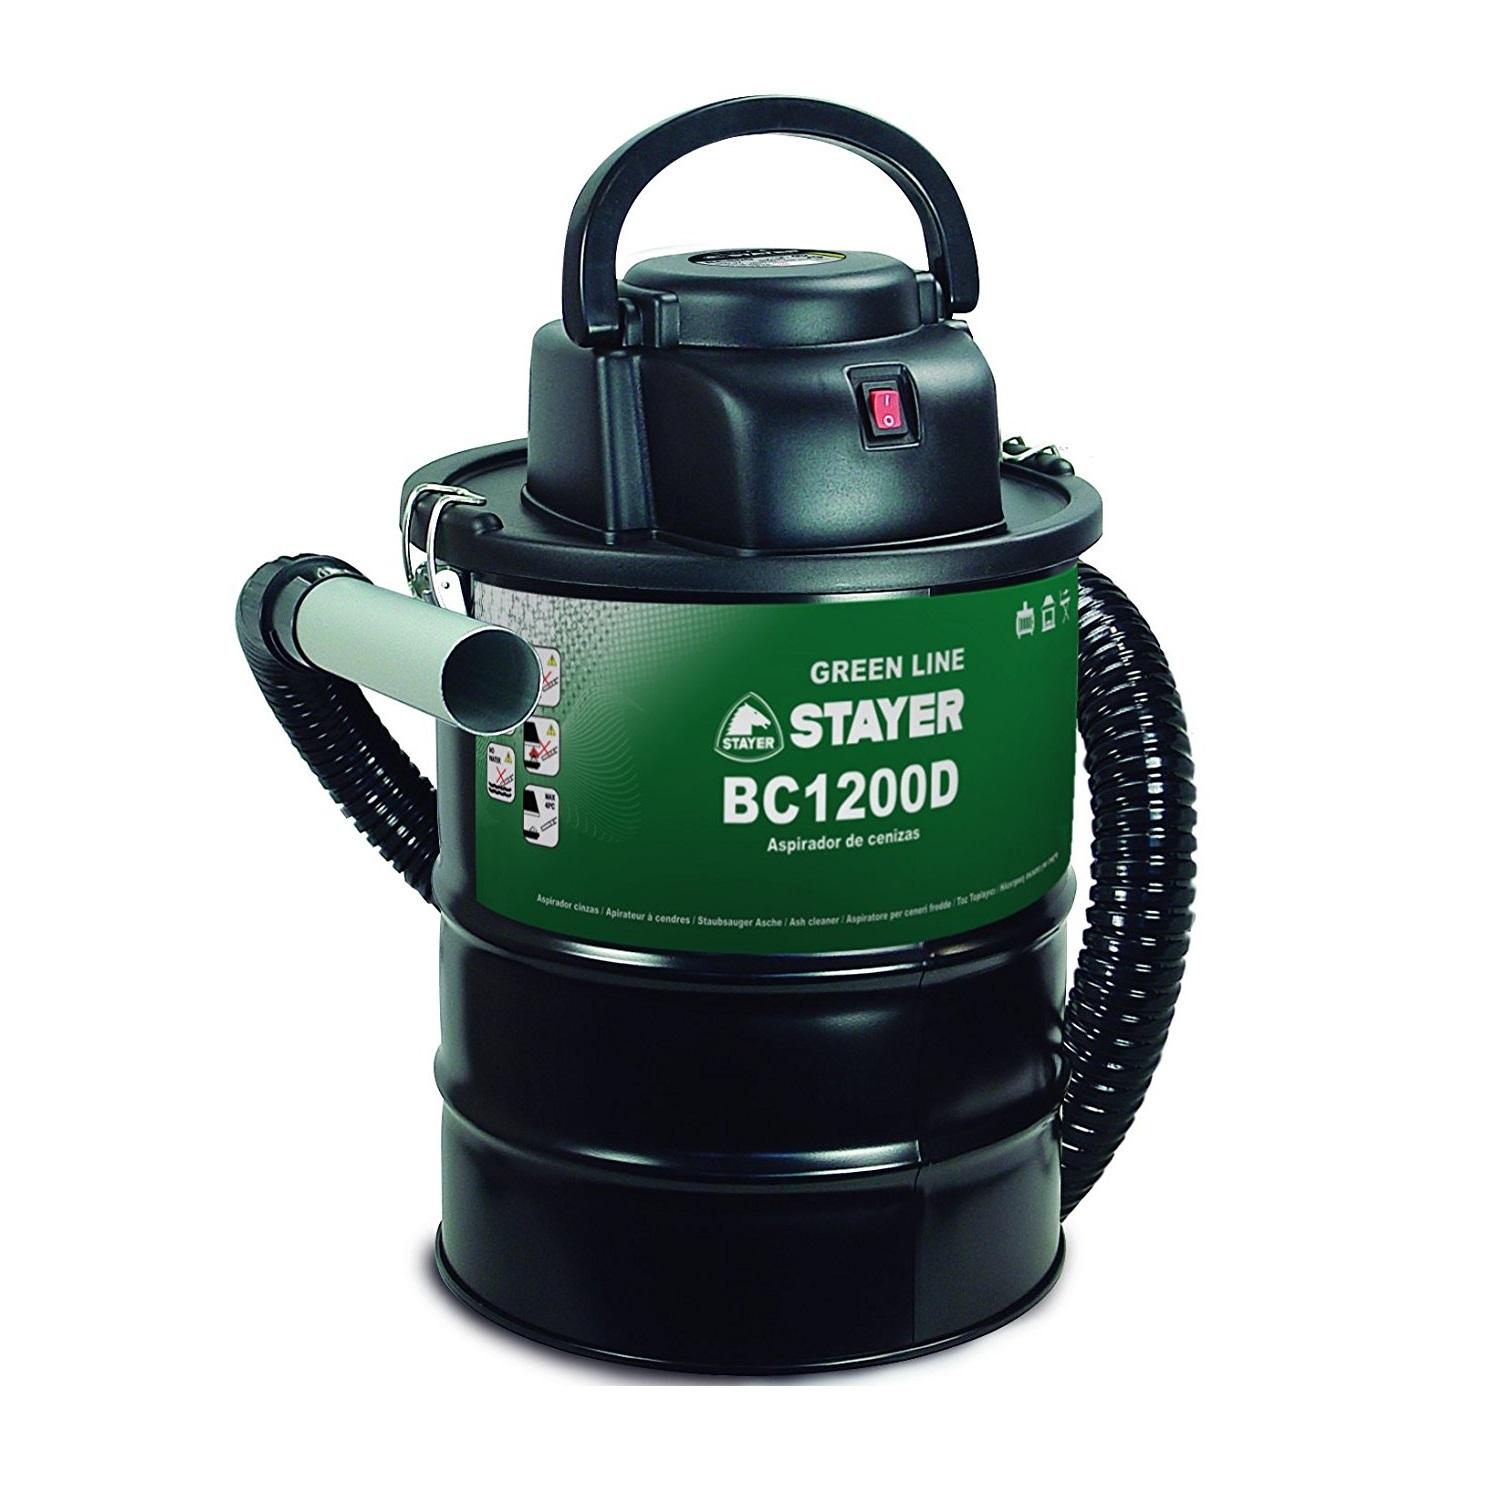 Stayer BC 1200D - Aspirador de cenizas para chimeneas y barbacoas